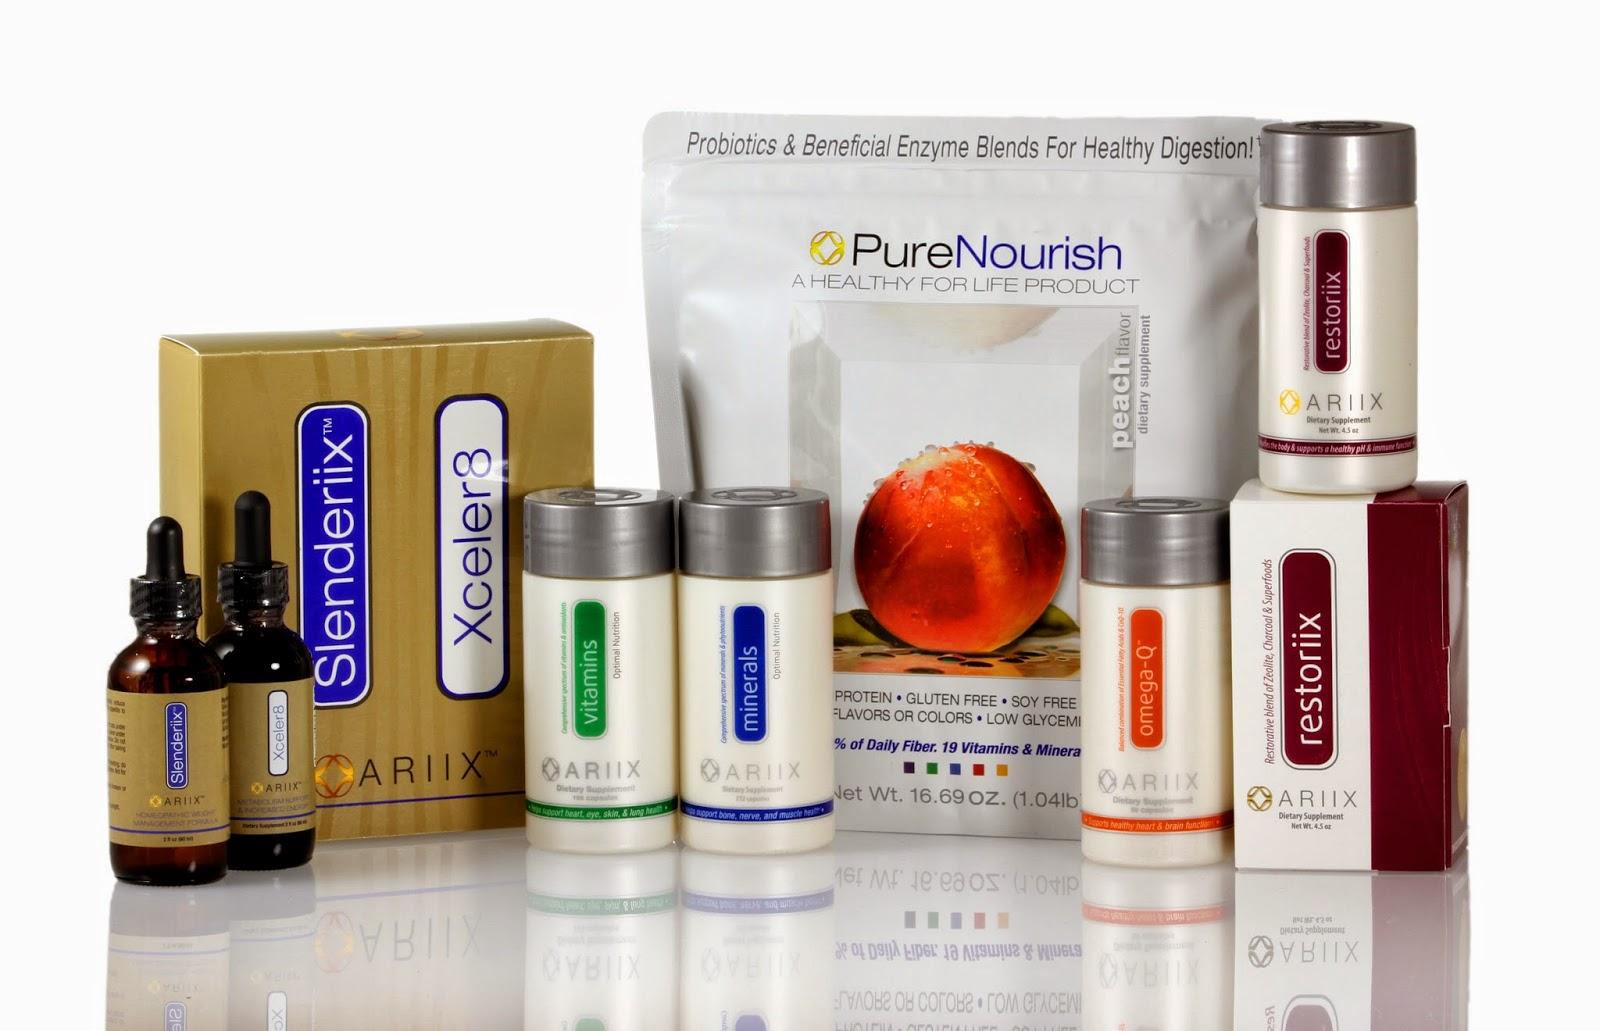 Sản phẩm Ariix độc đáo, đáp ứng nhu cầu cụ thể có sẵn của thị trường